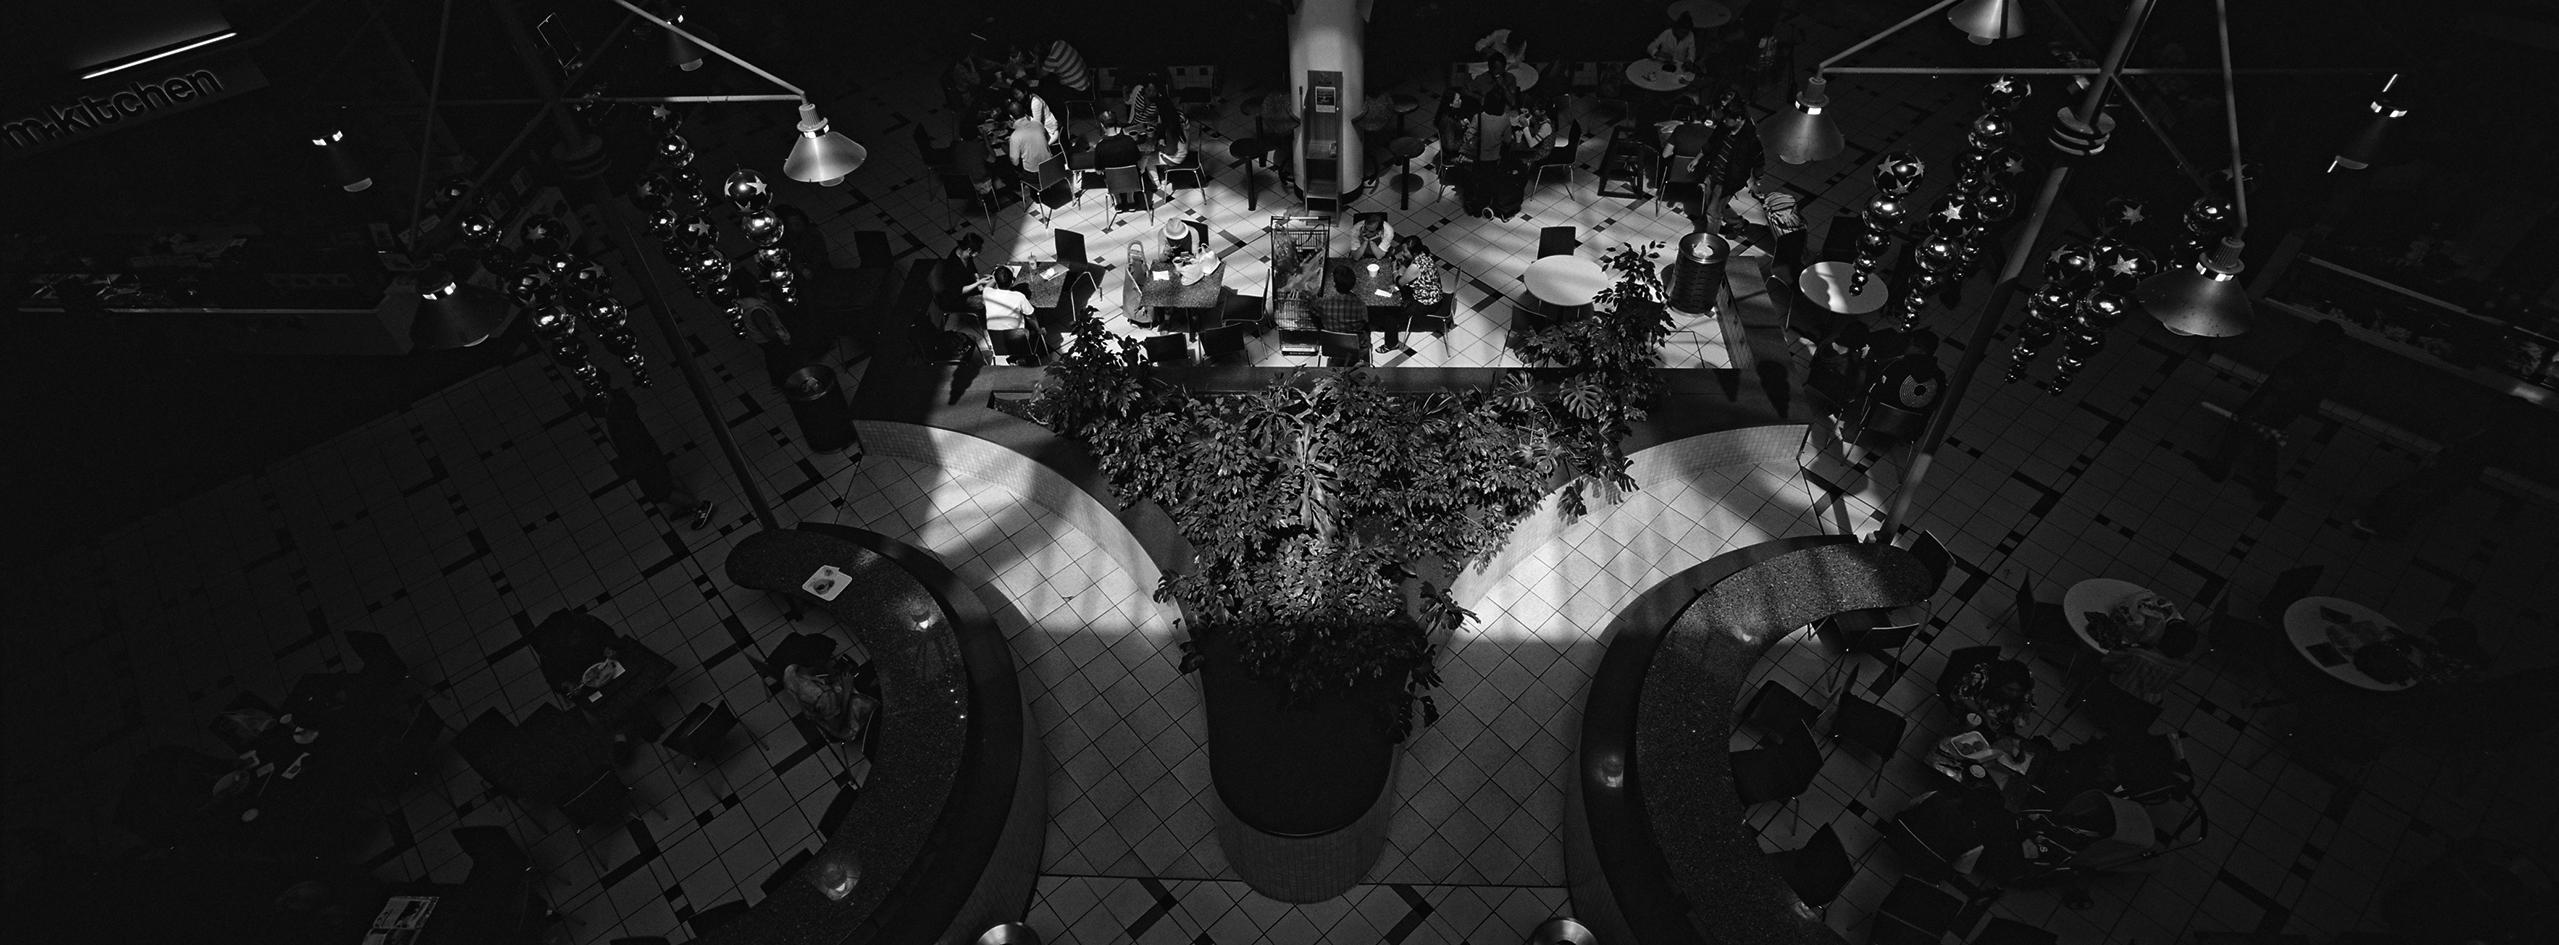 Food Court iii